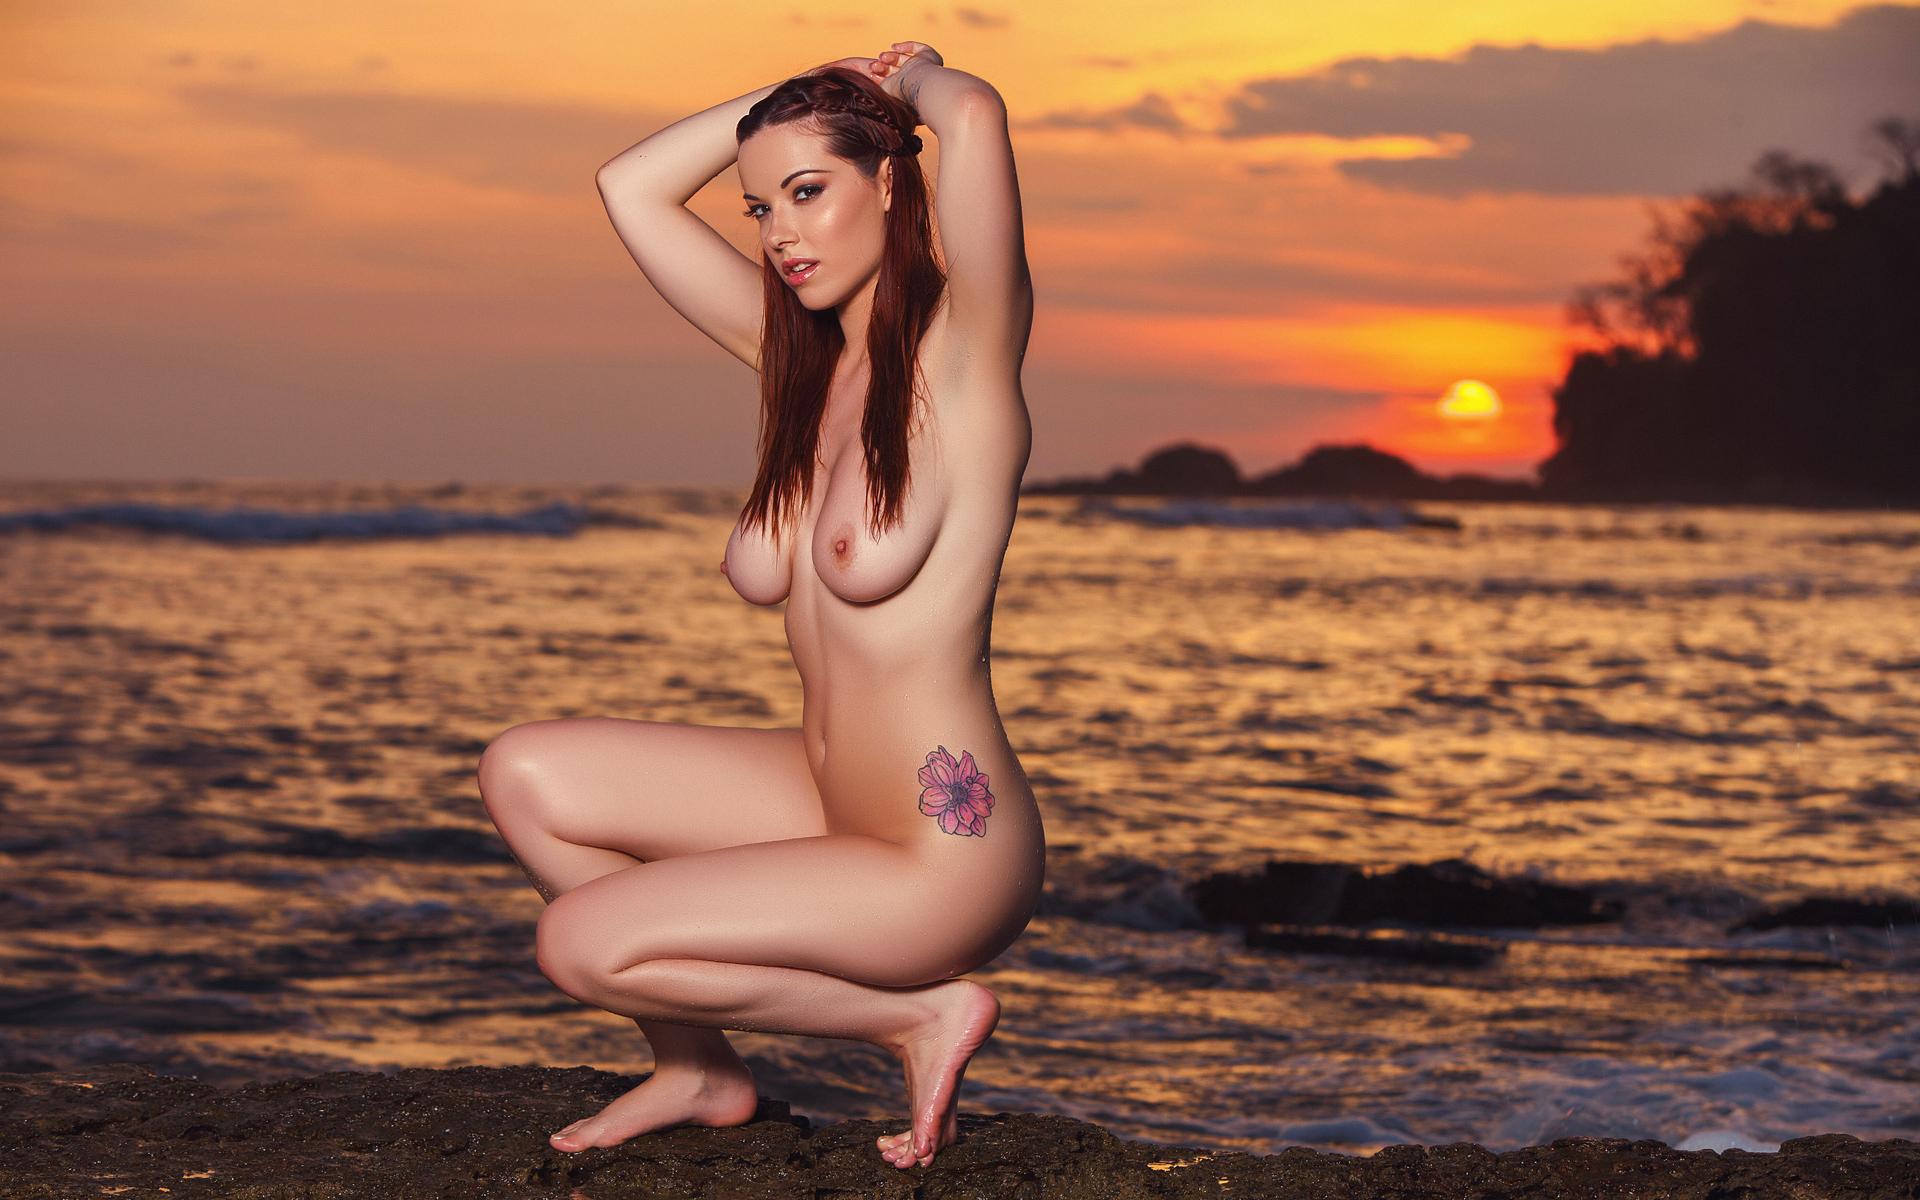 elizabeth-thirlby-nude-nfcm-orgy-porn